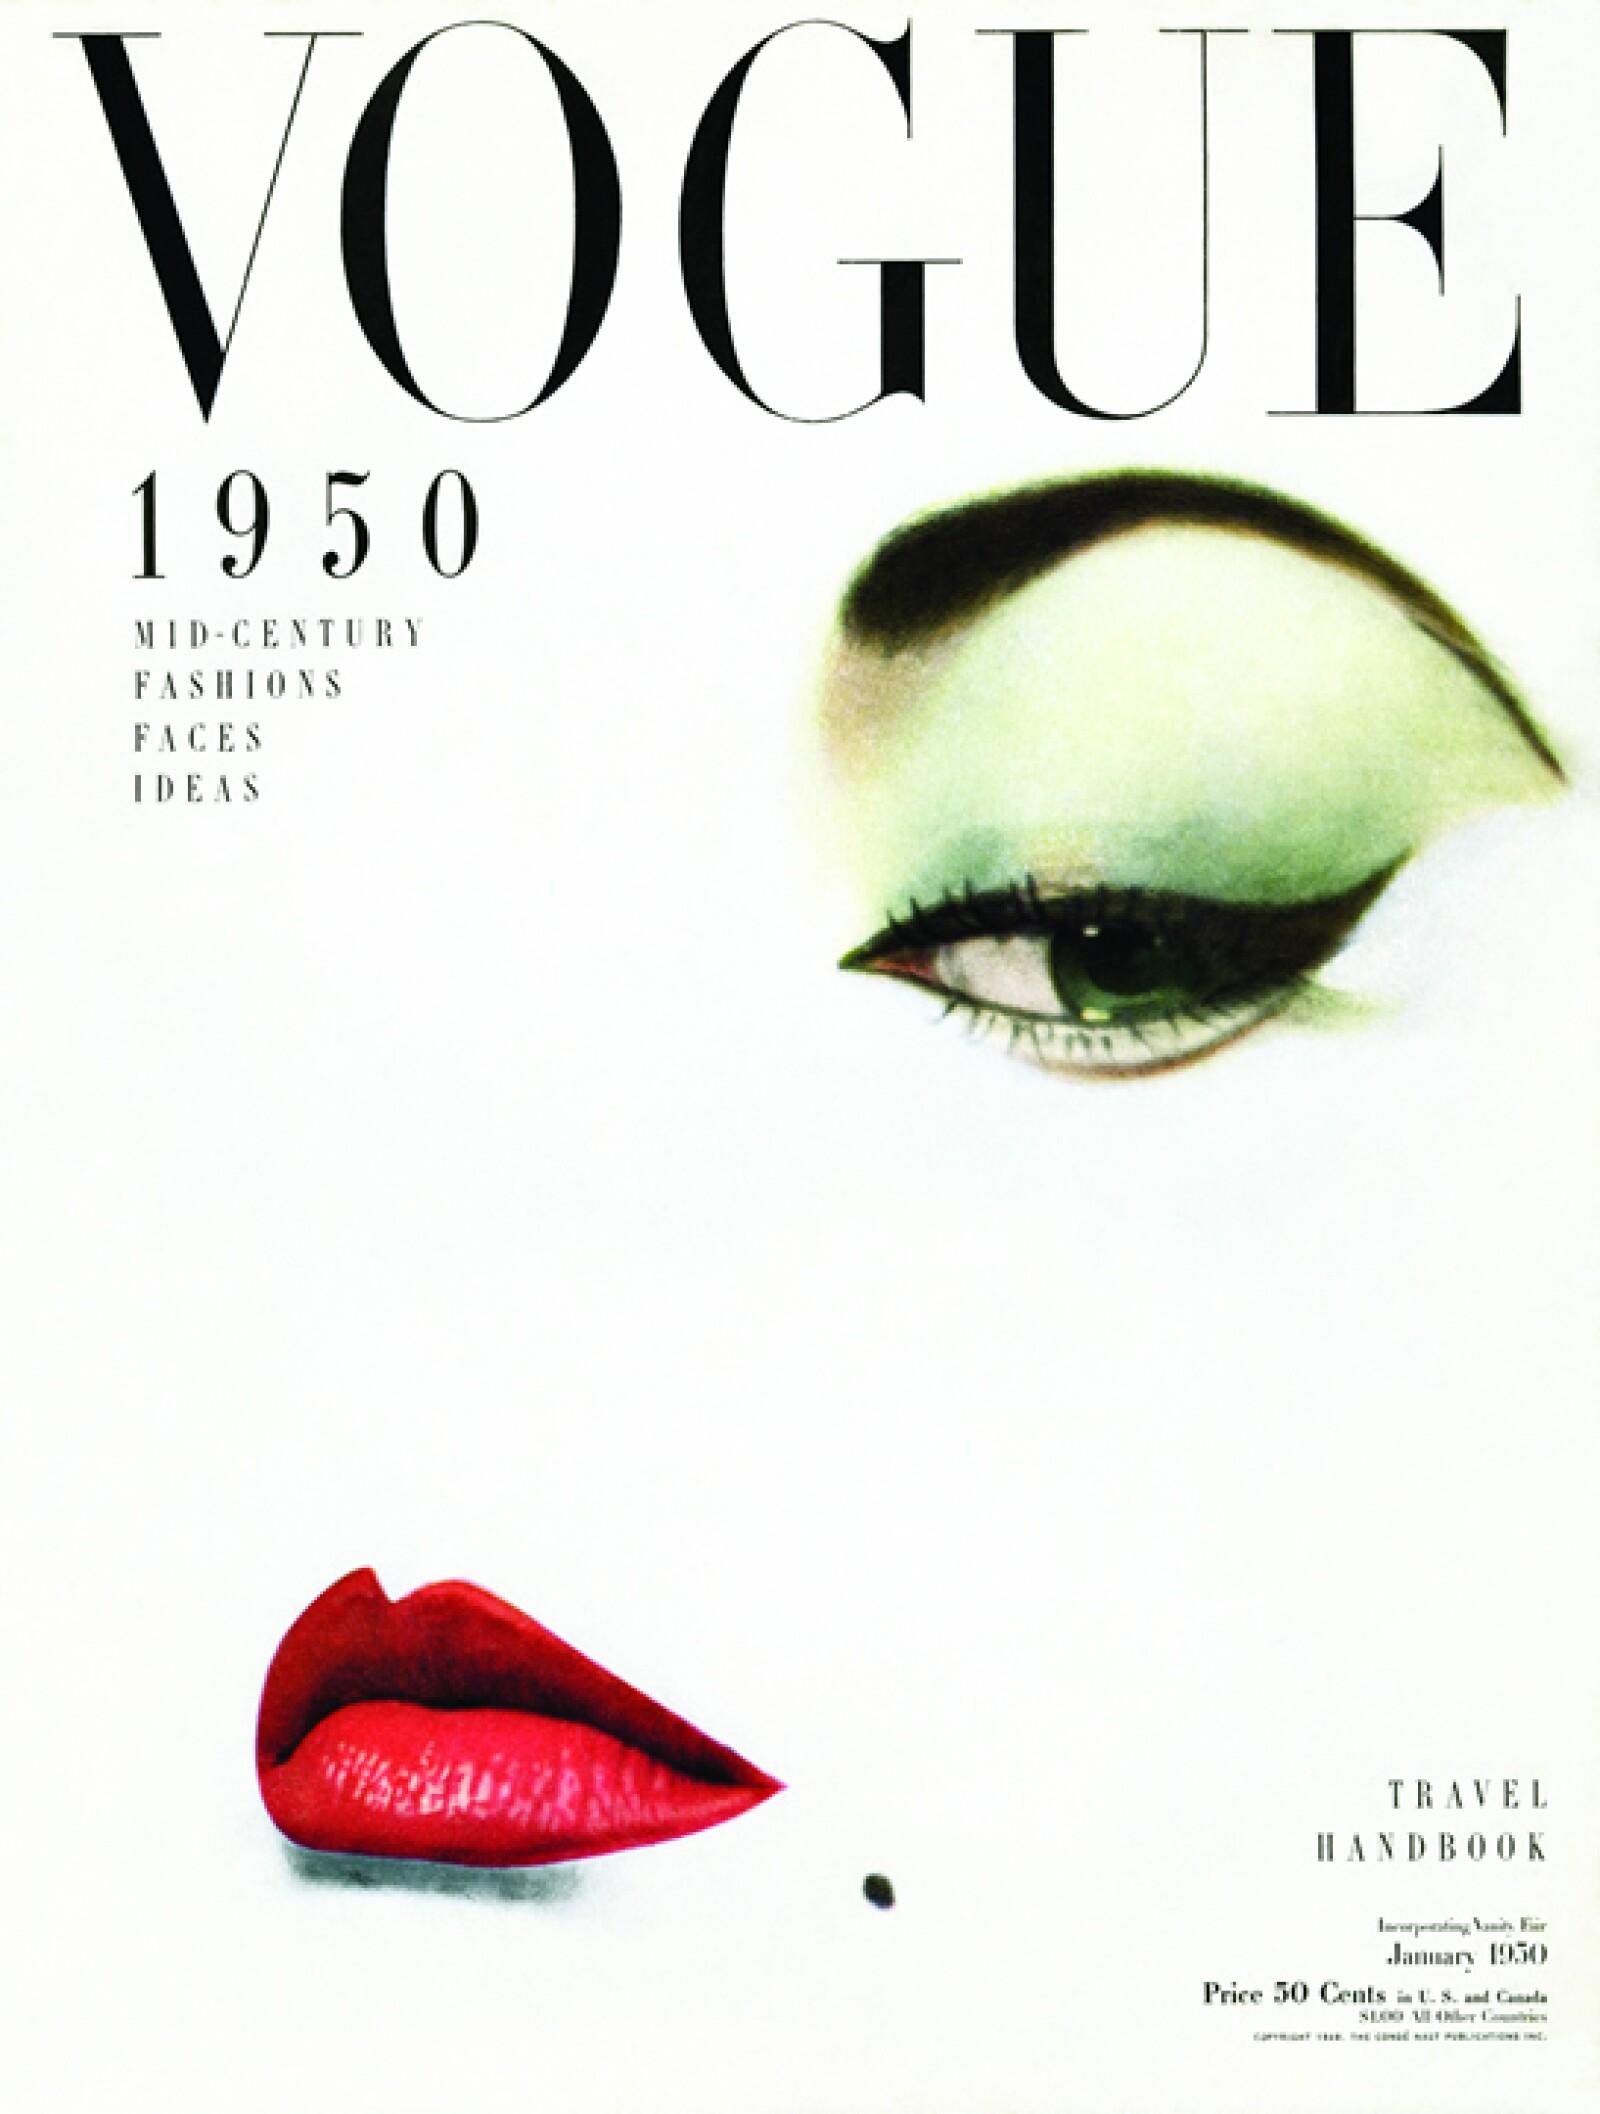 Vogue, enero 1950: Erwin Blumenfeld, un fotógrafo de moda reconocido en su época, empezó a mezclar el dadaísmo con las fotos para esta portada de Vogue.